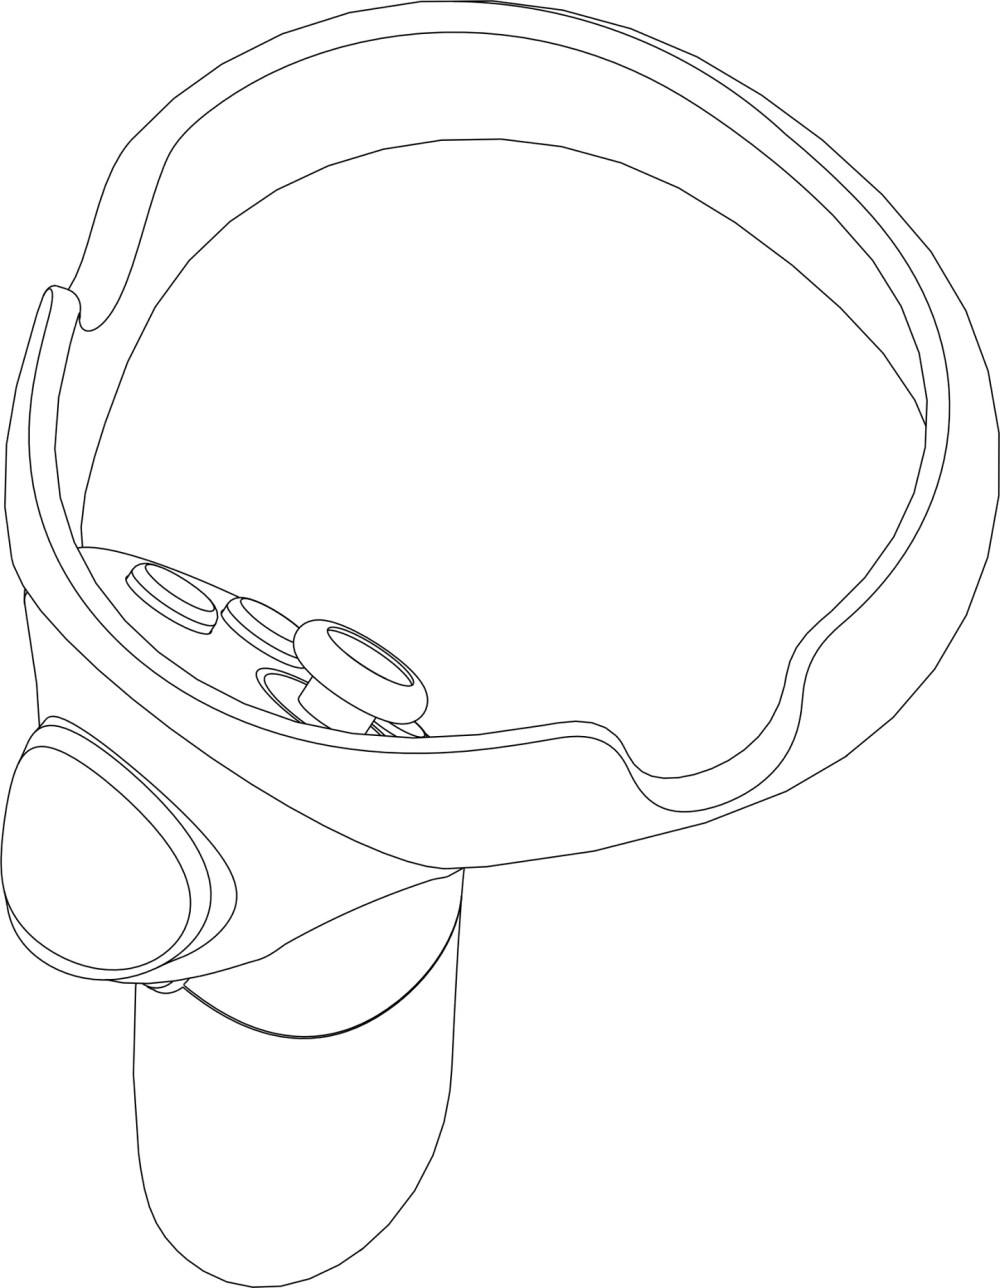 Gamepad patent-2